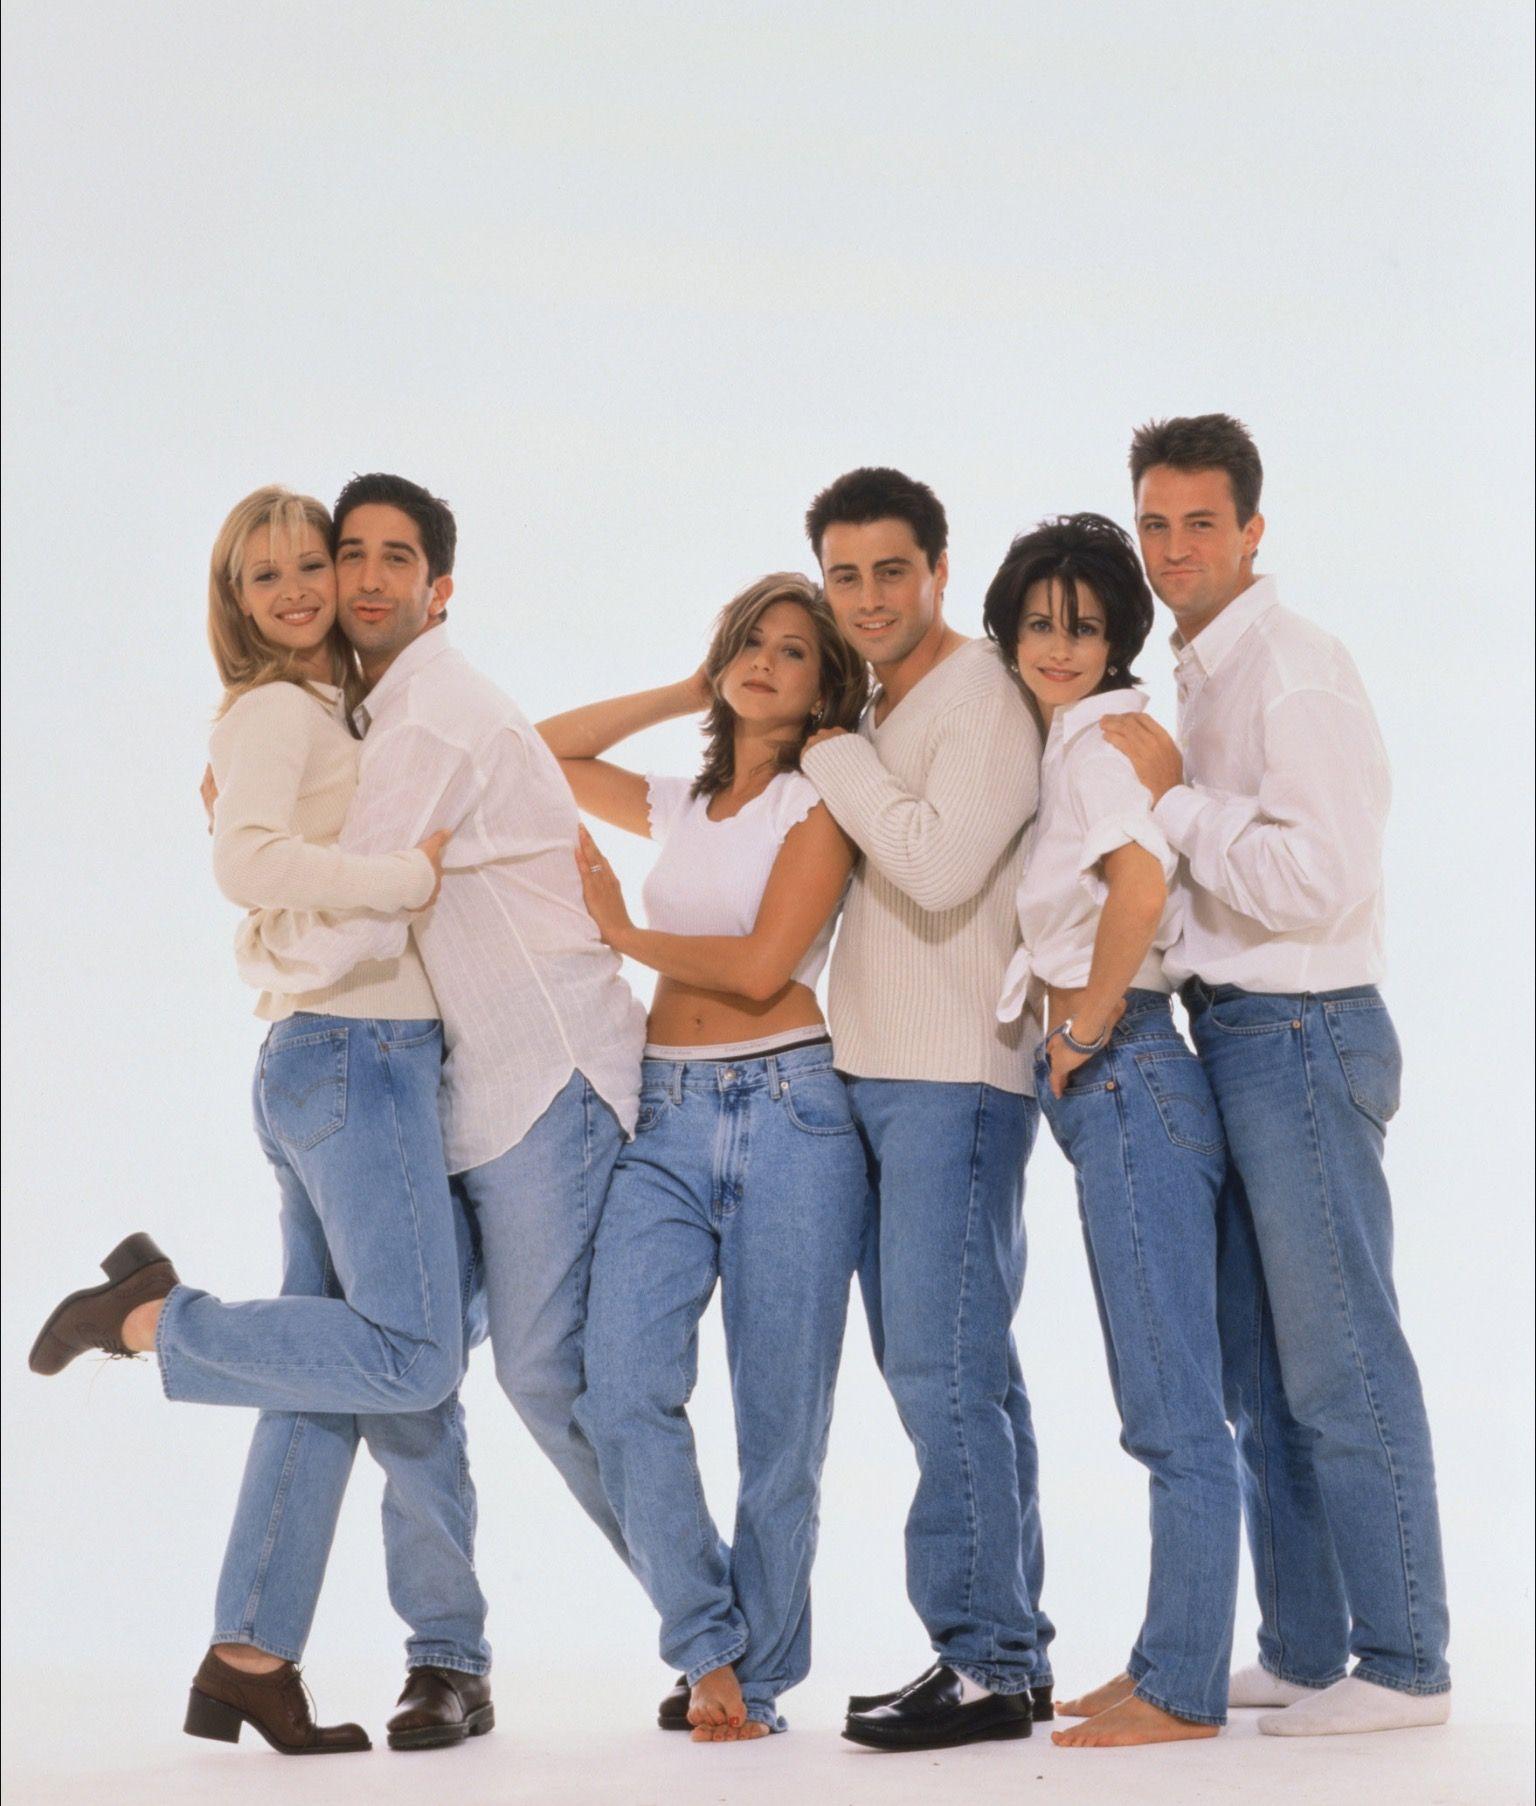 Как сделать красивое фото группы людей сверху